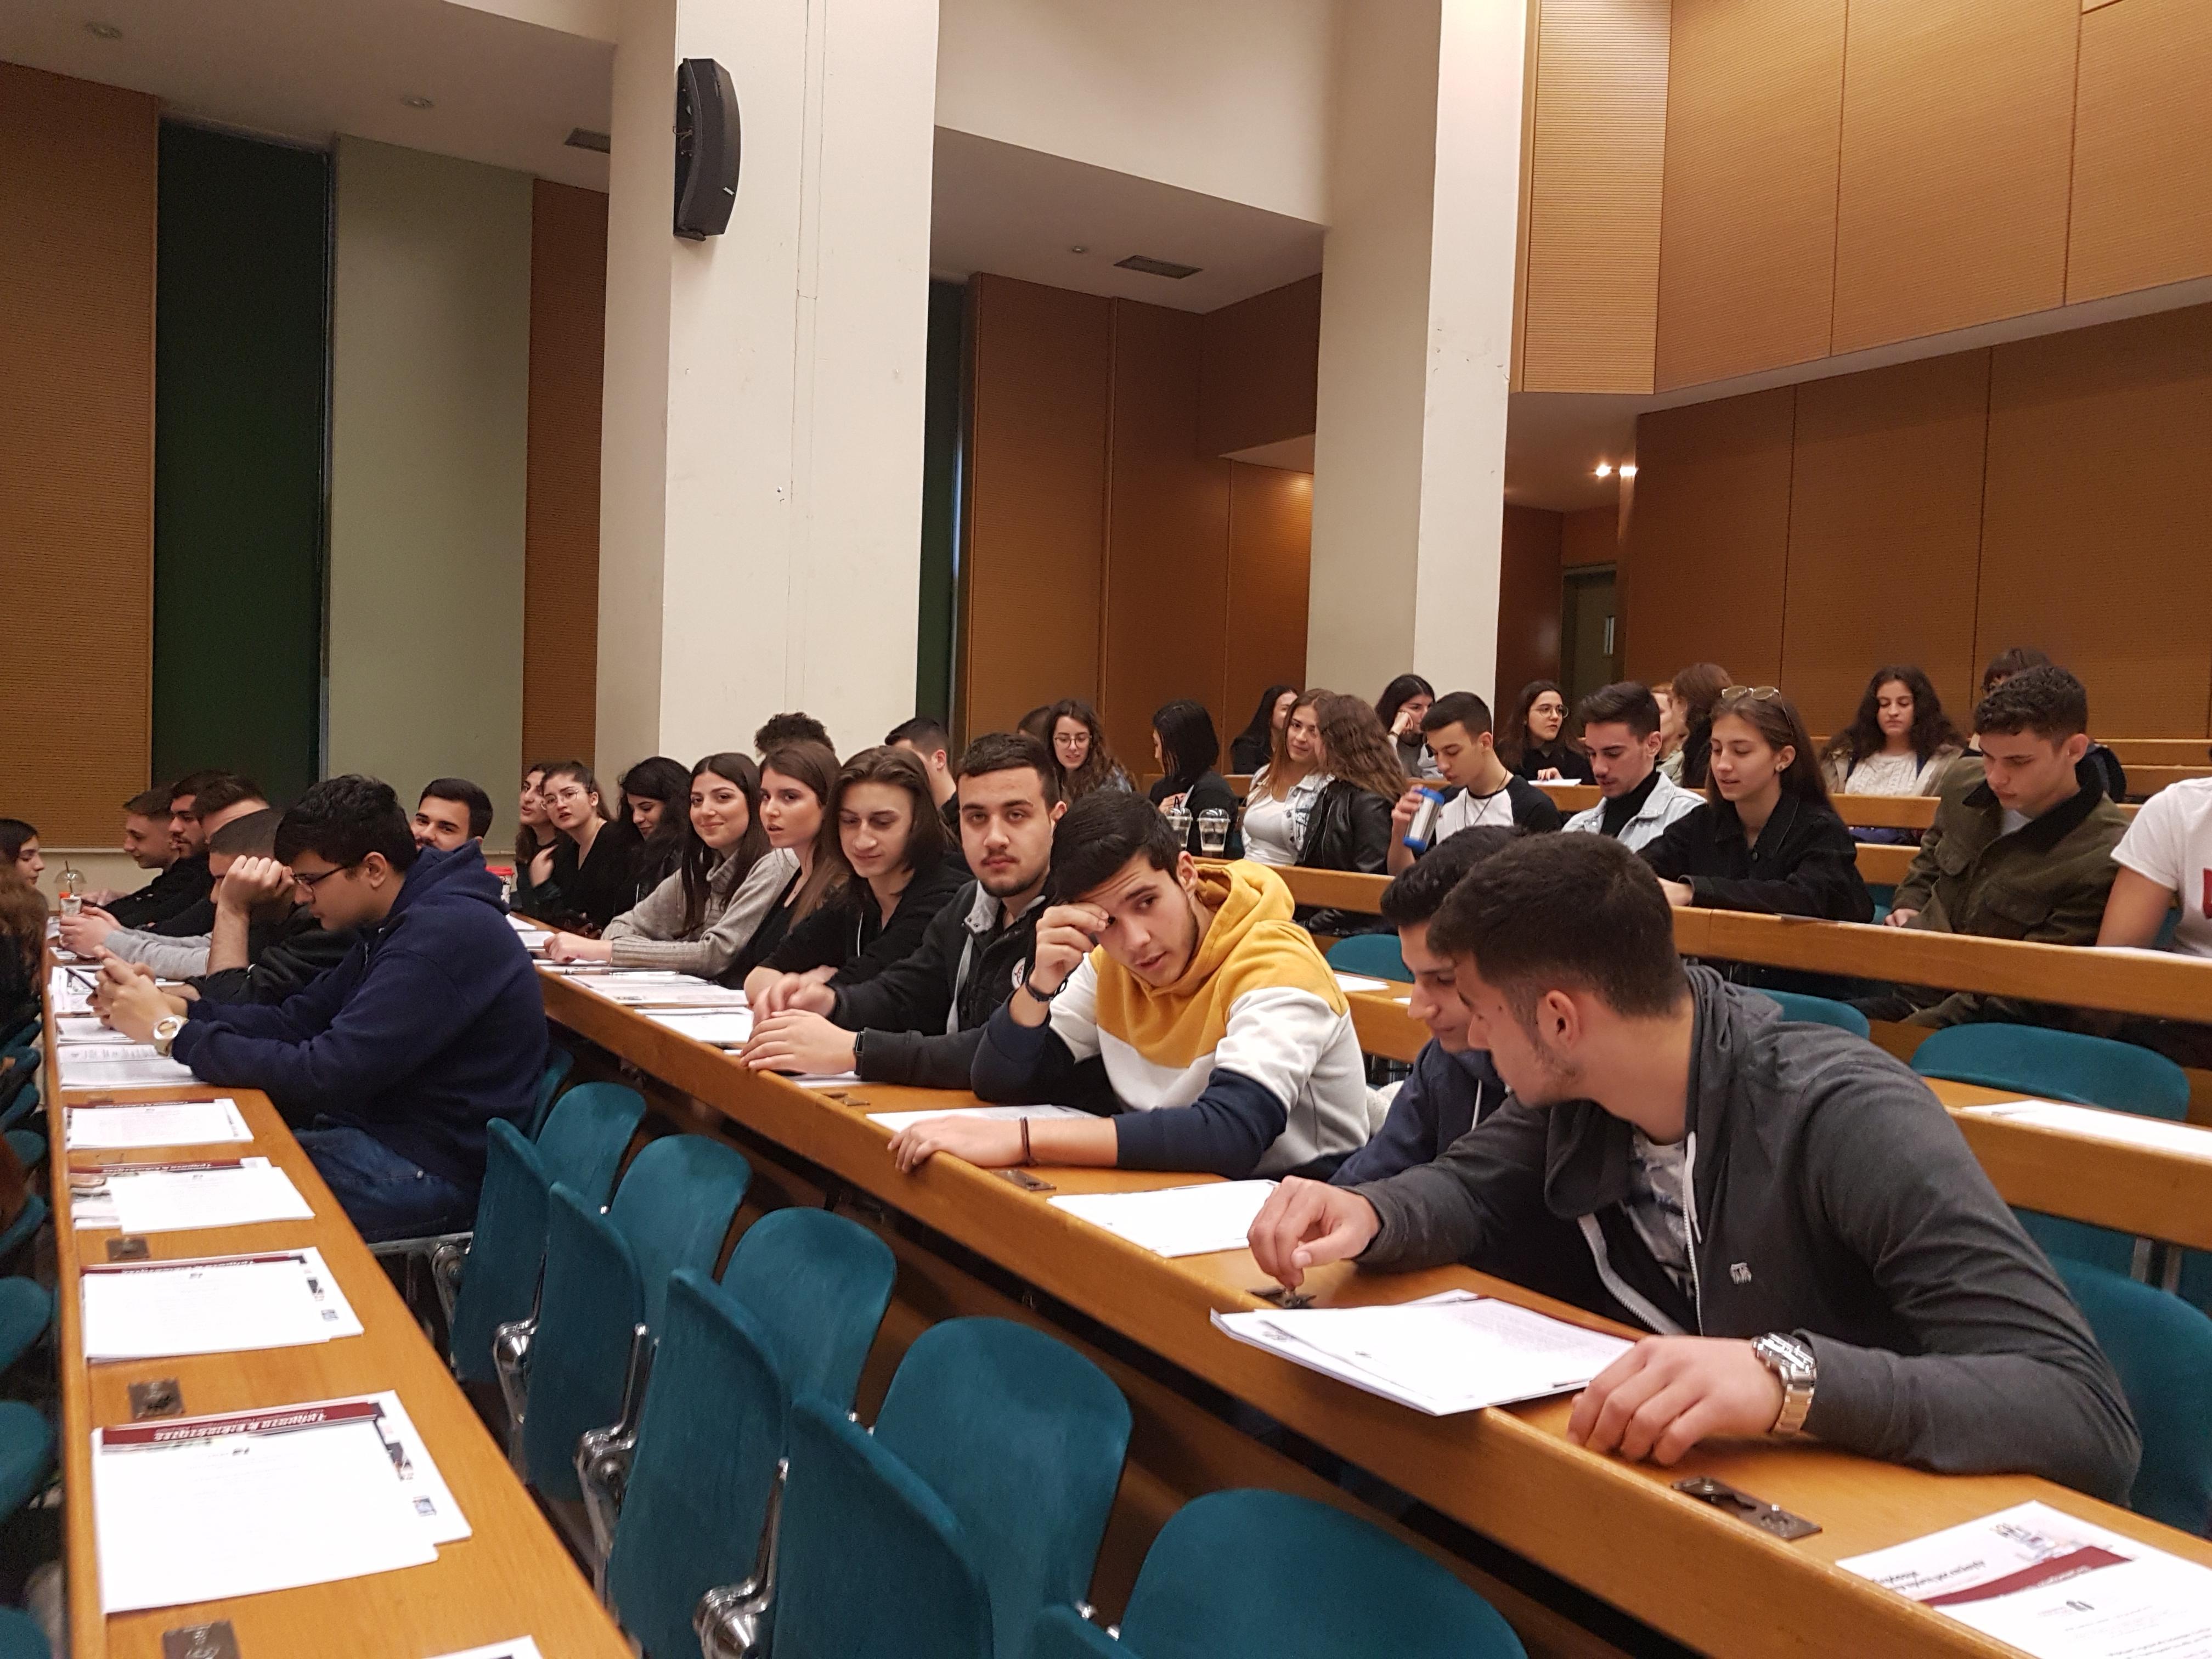 Επίσκεψη στο Οικονομικό Πανεπιστήμιο Αθηνών